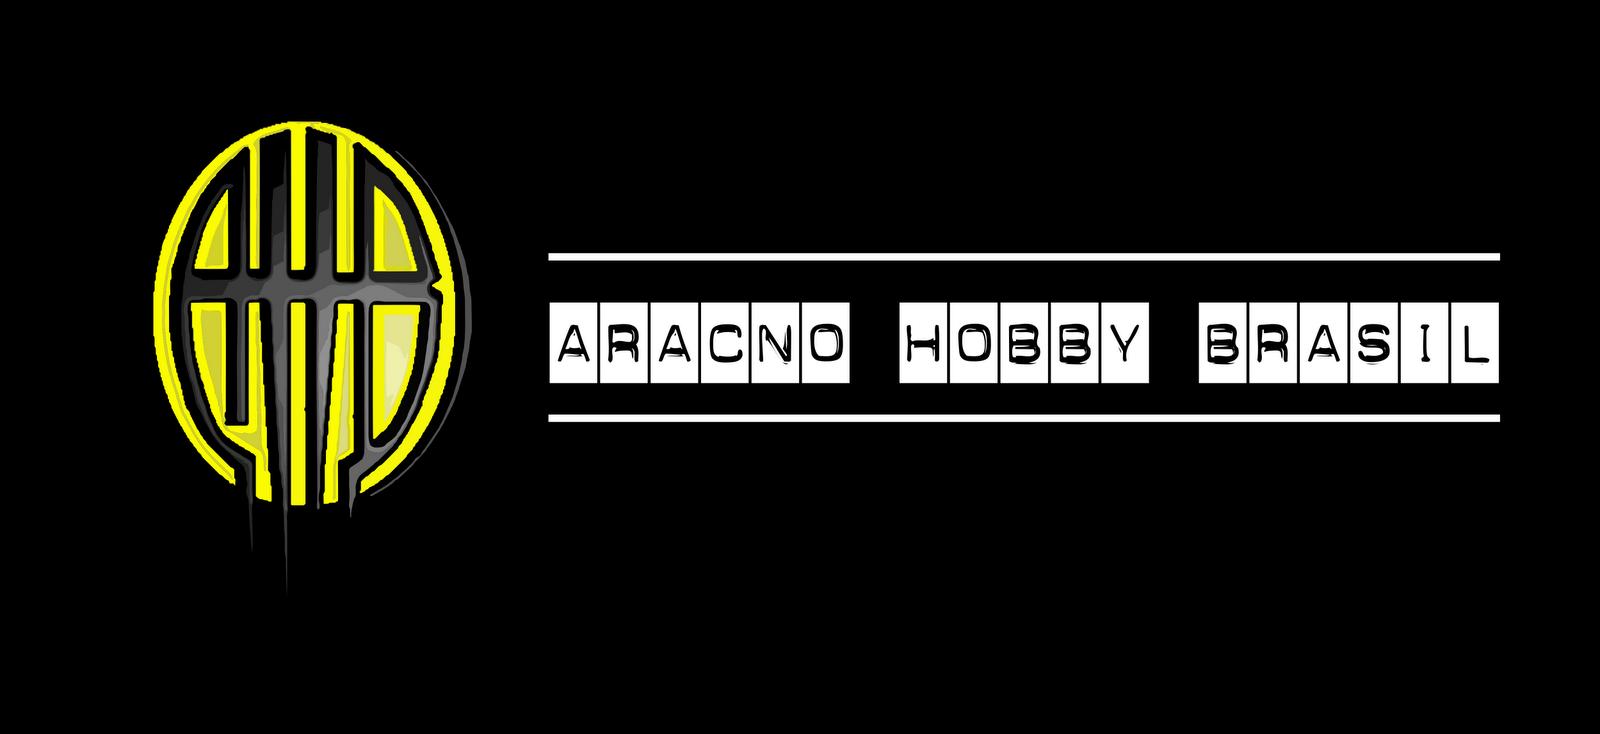 ARACNO HOBBY BRASIL